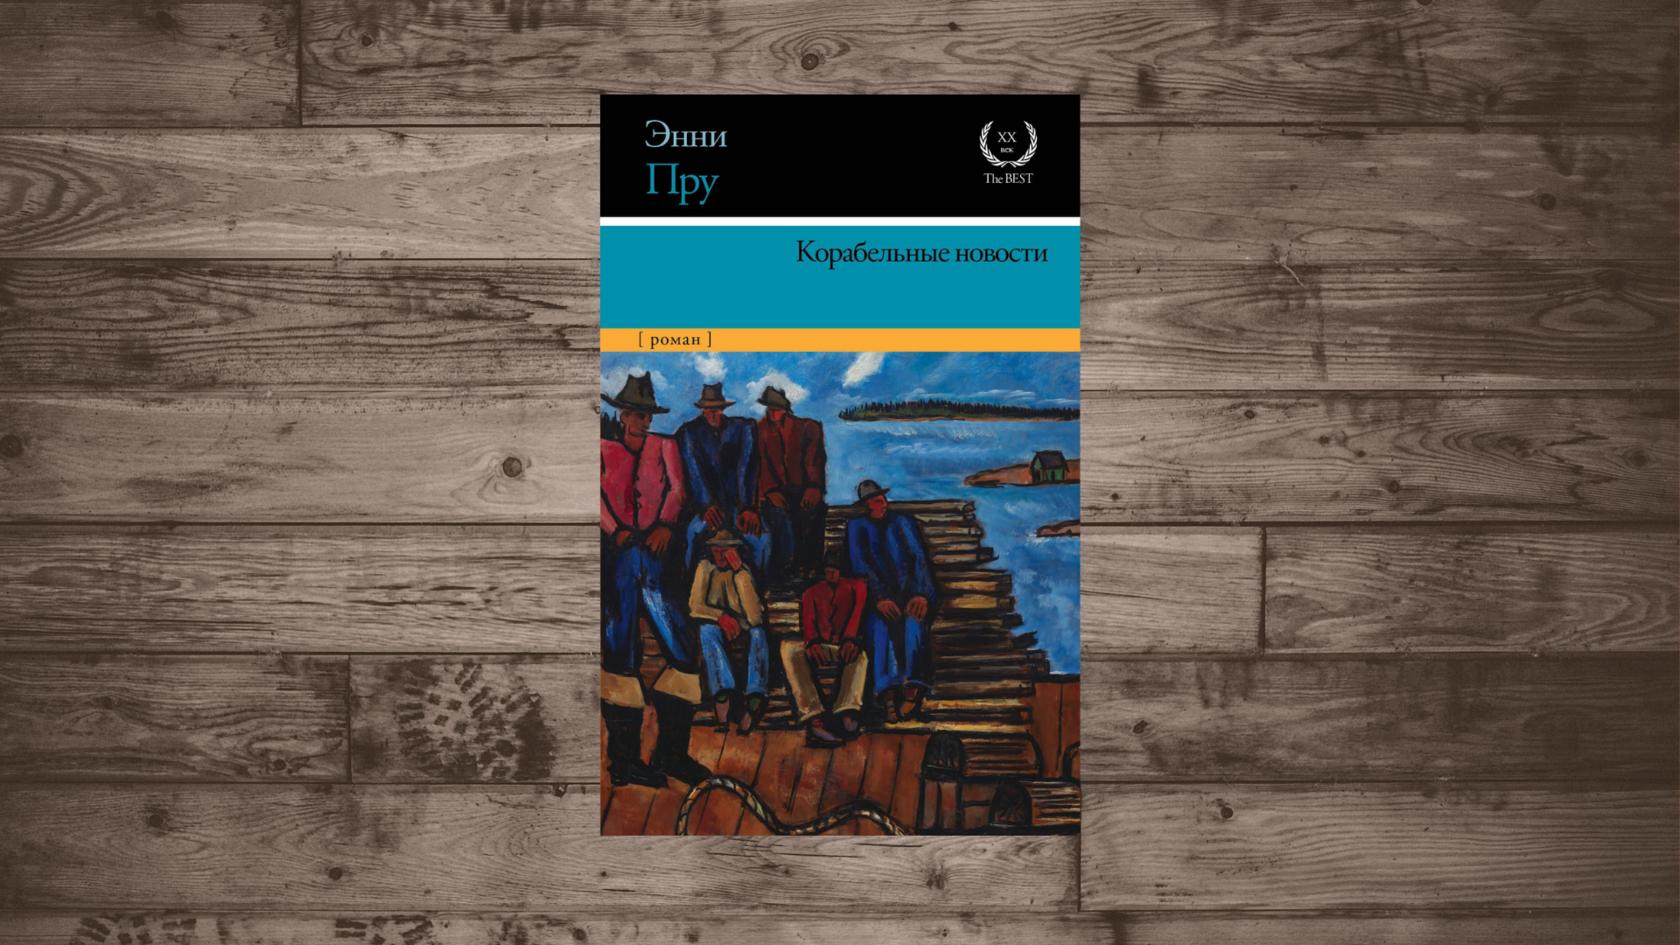 Купить книгу Корабельные новости Энни Прус, АСТ, 978-5-17-109255-9